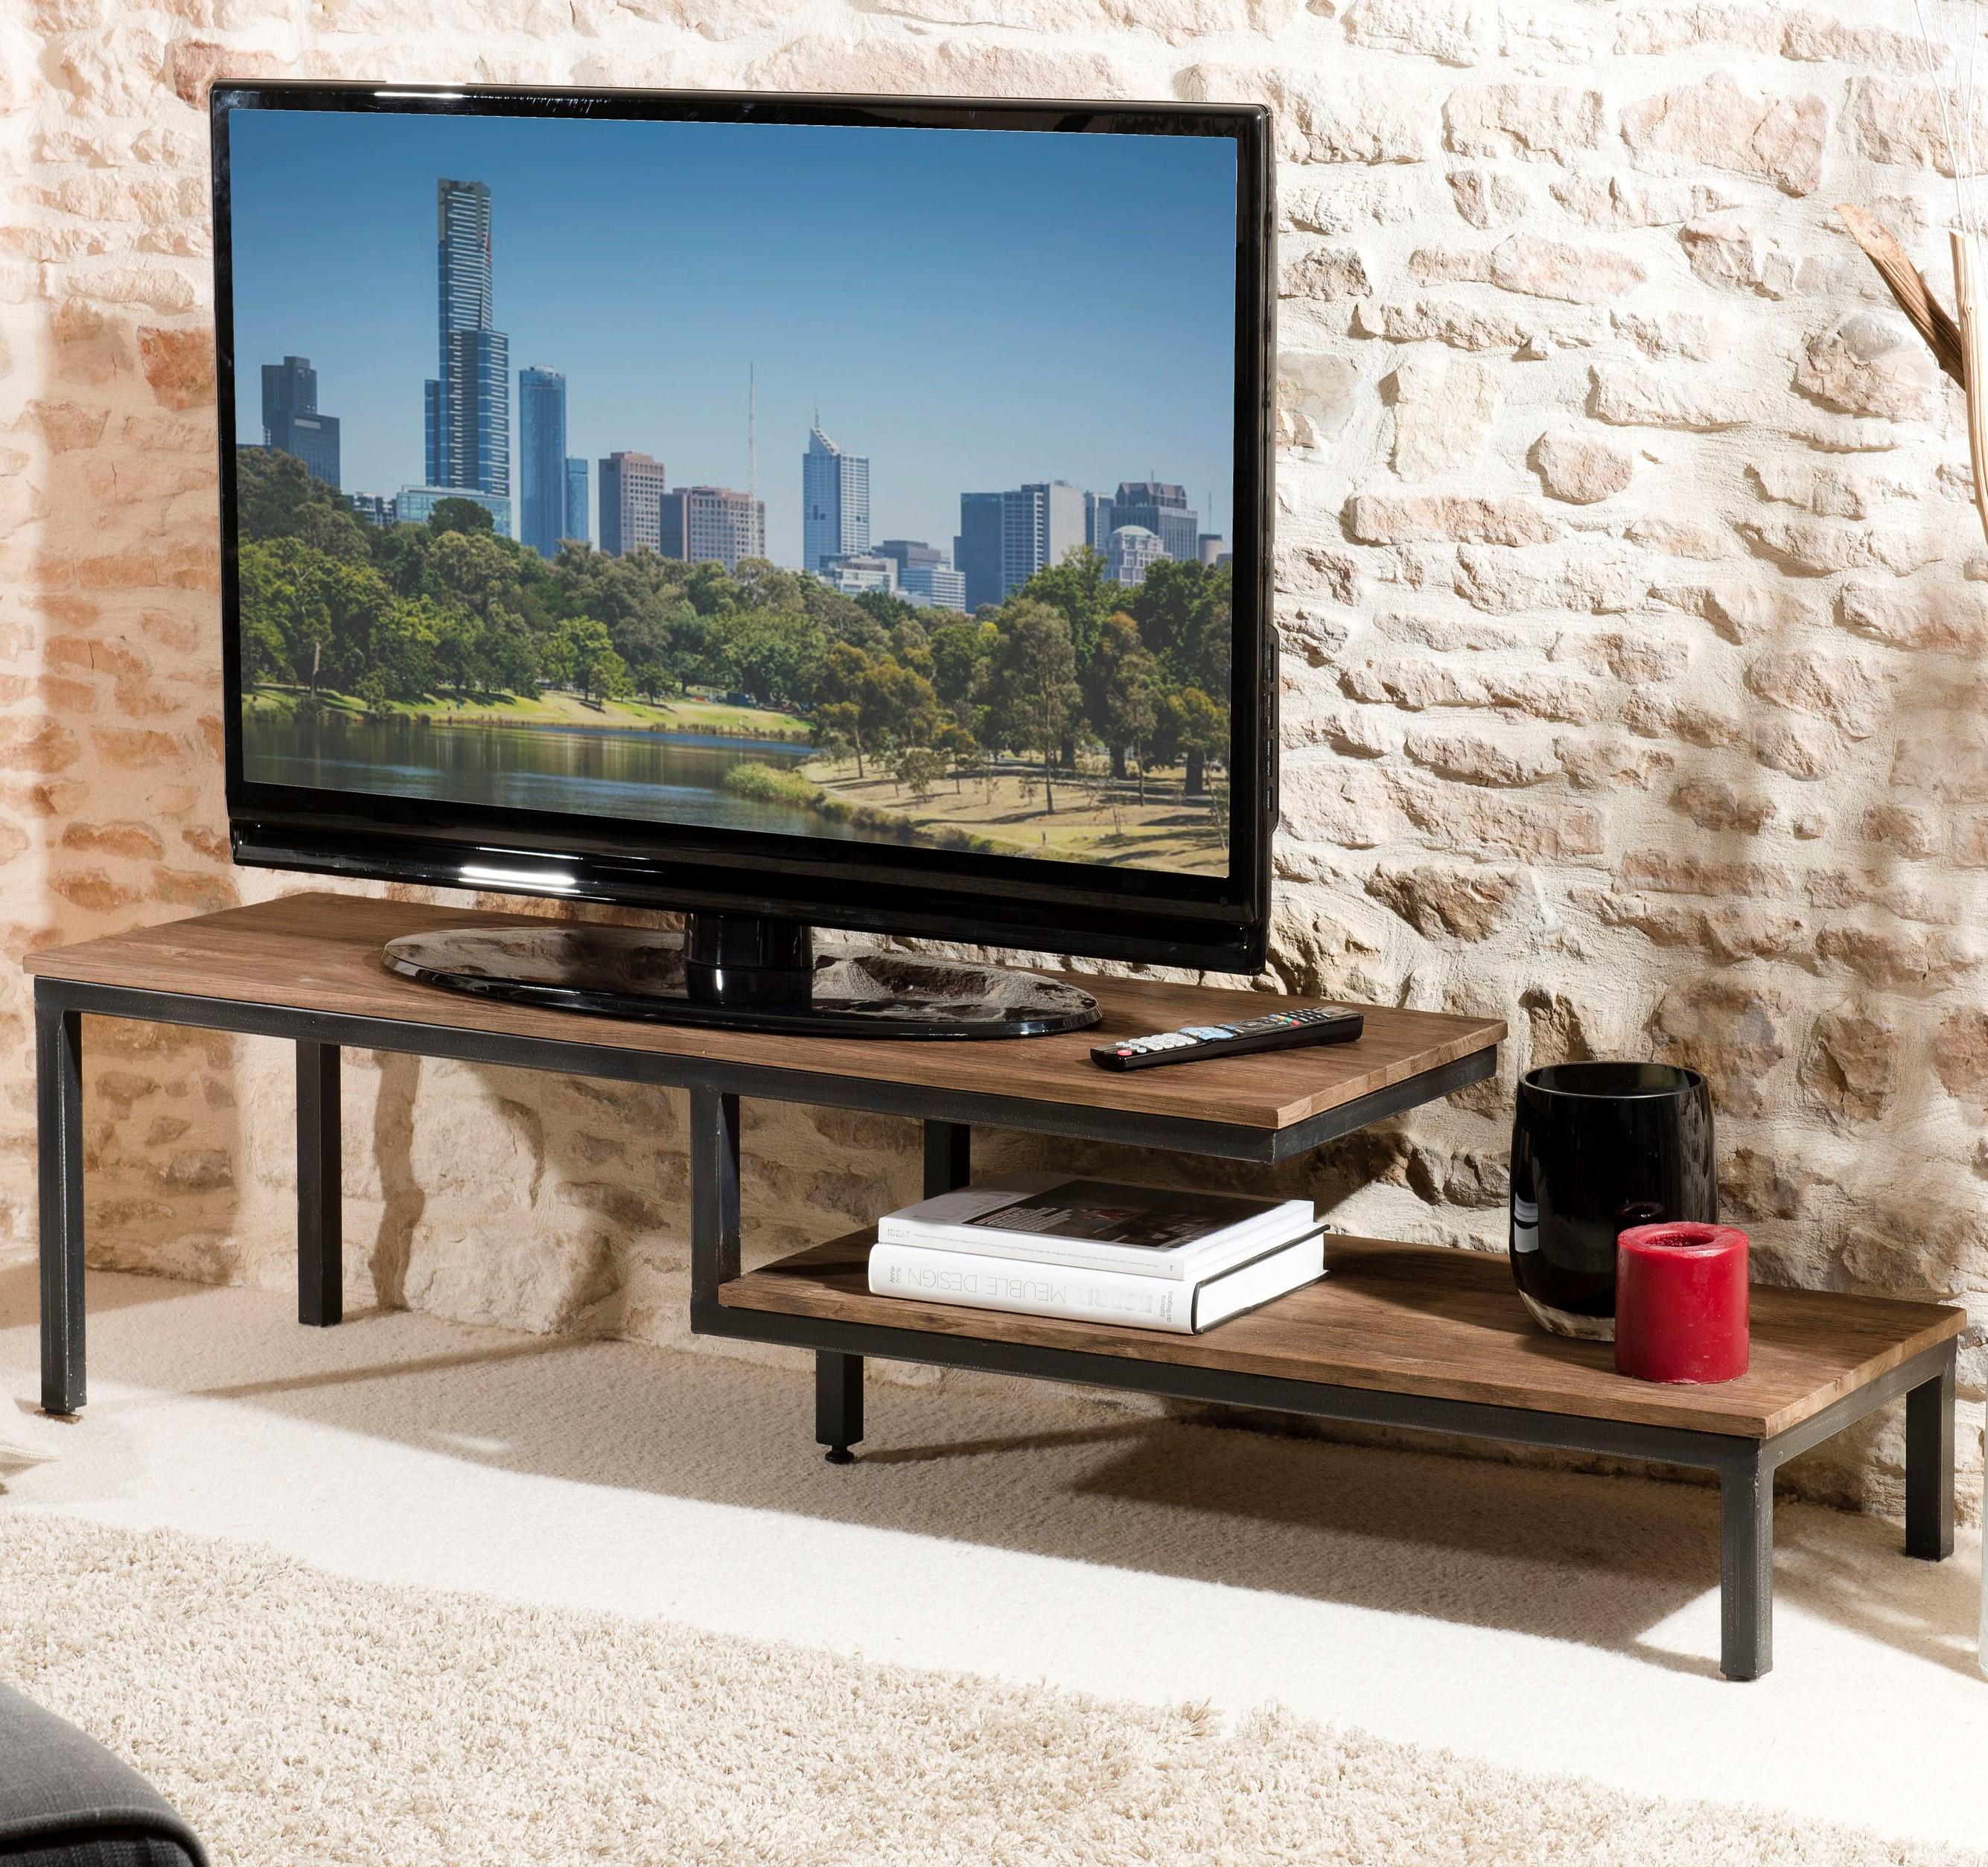 meuble tv destructure 2 niveaux en teck recycle et metal noir 161x40x40cm swing